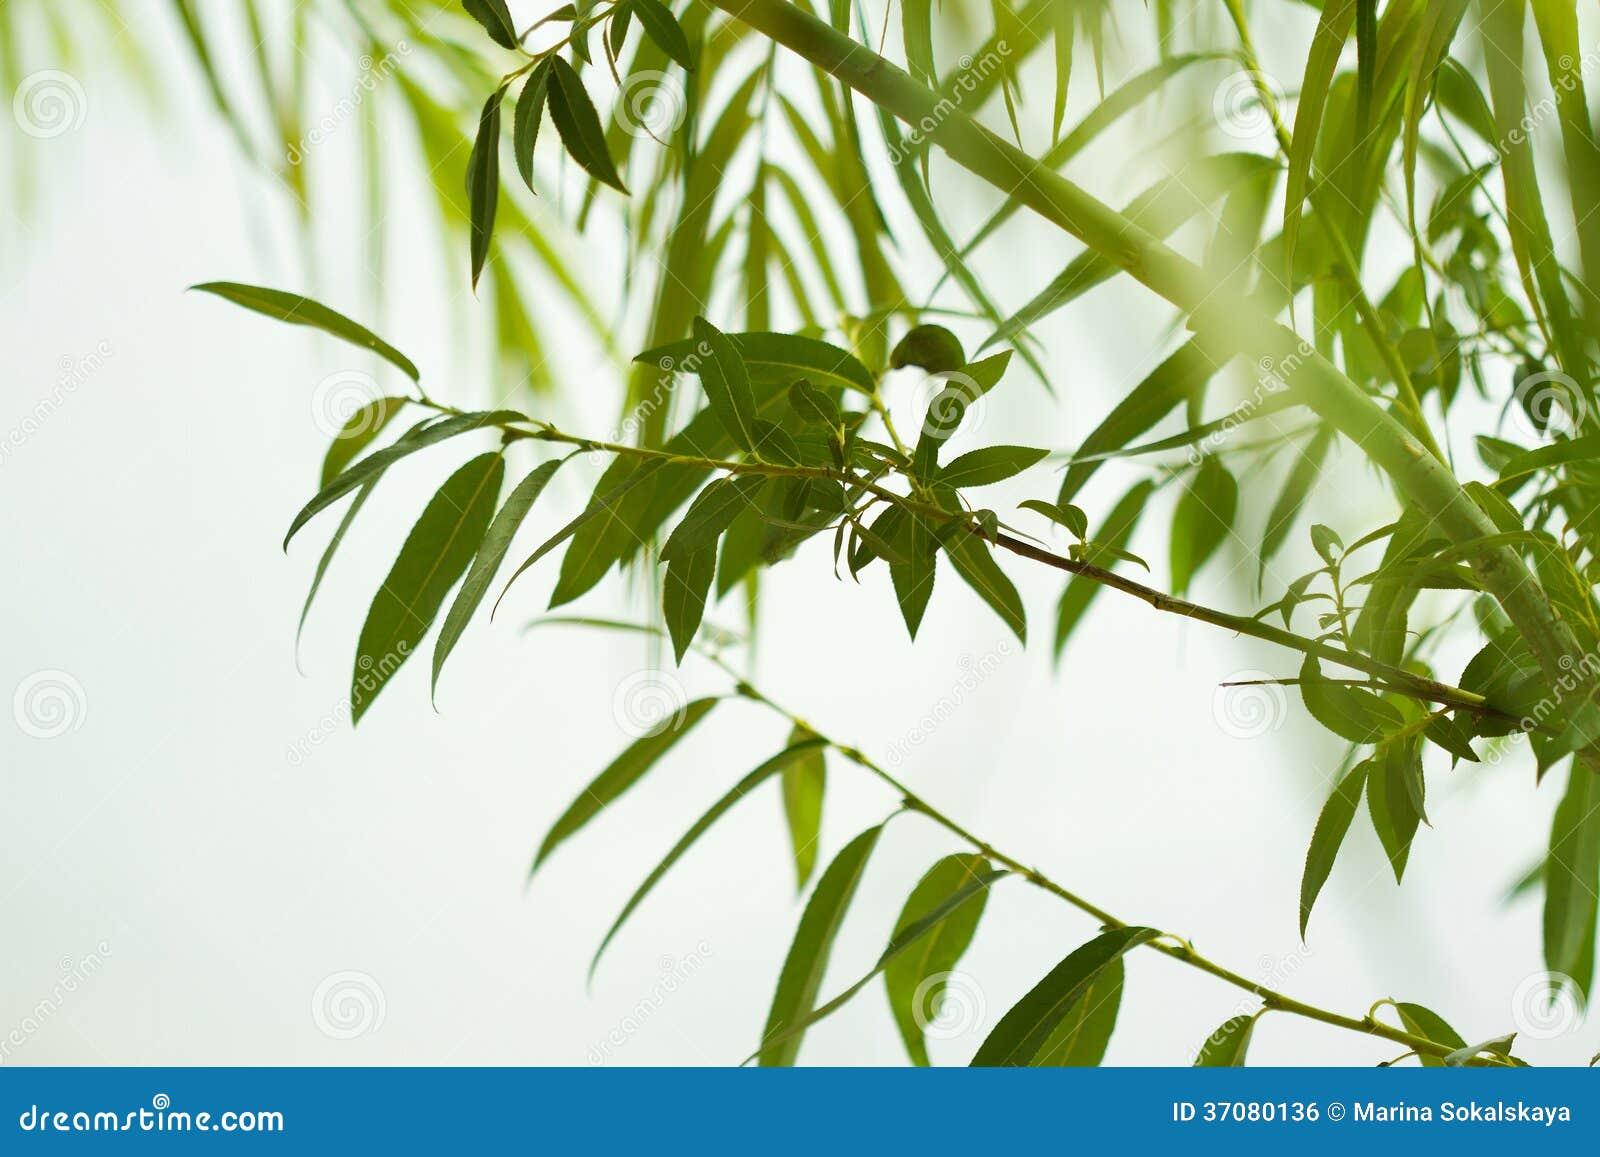 Download Zielony Wierzbowy Ulistnienie Zdjęcie Stock - Obraz złożonej z wally, spokój: 37080136